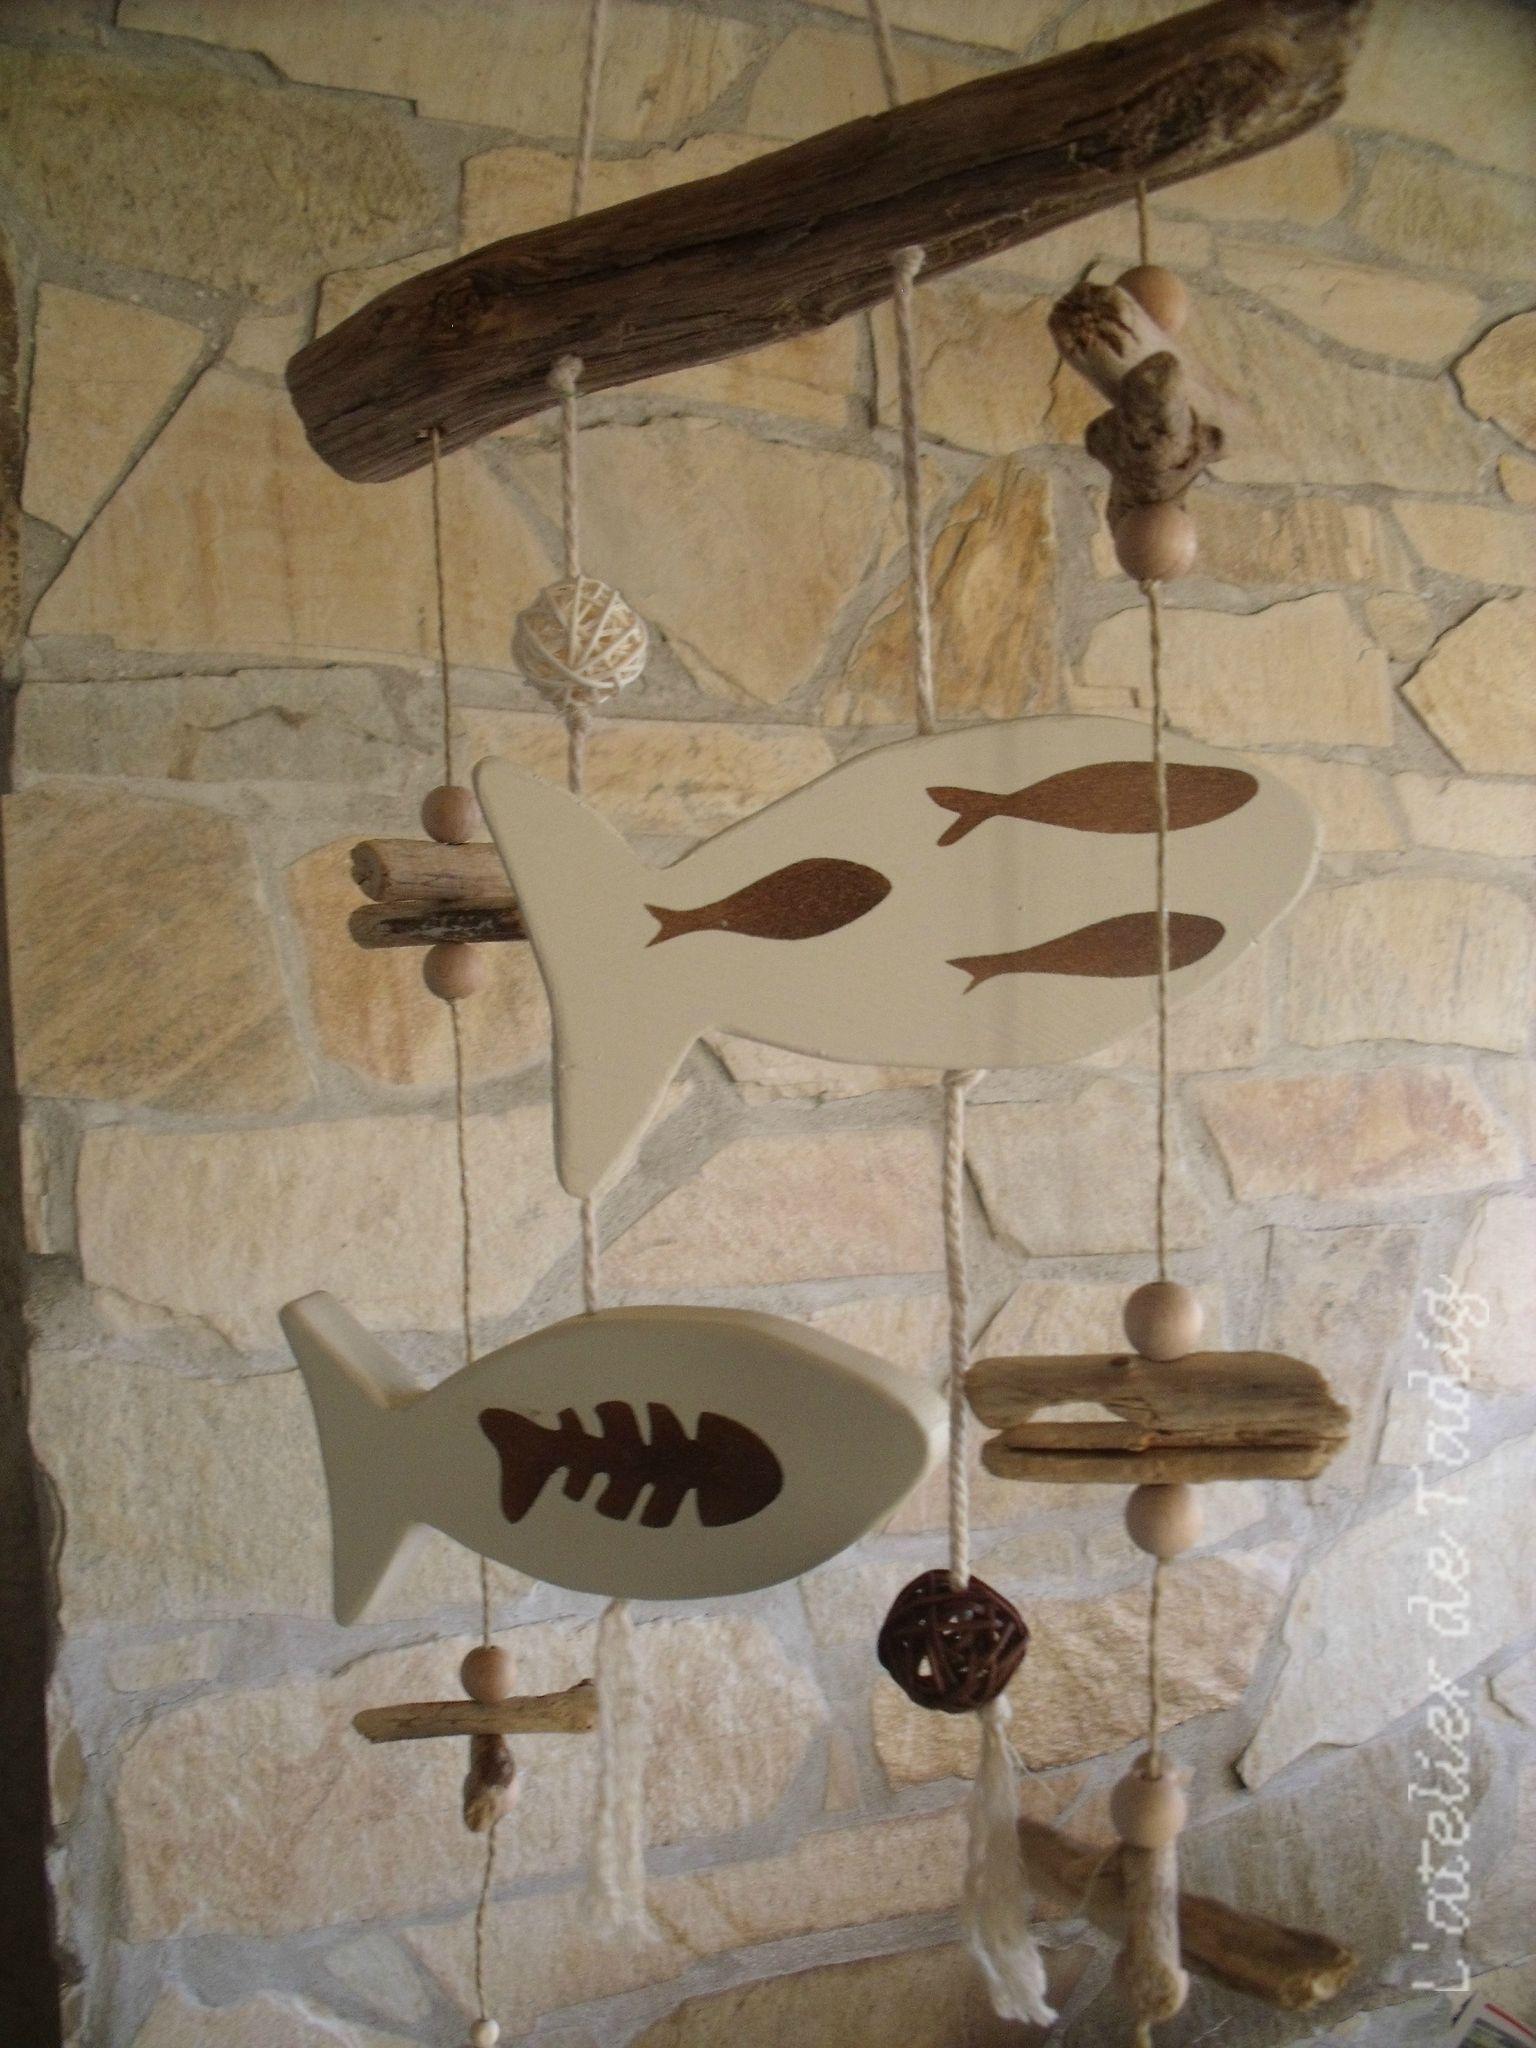 Poissons tous les messages sur poissons l 39 atelier de tadig for Objets de decoration en bois flotte